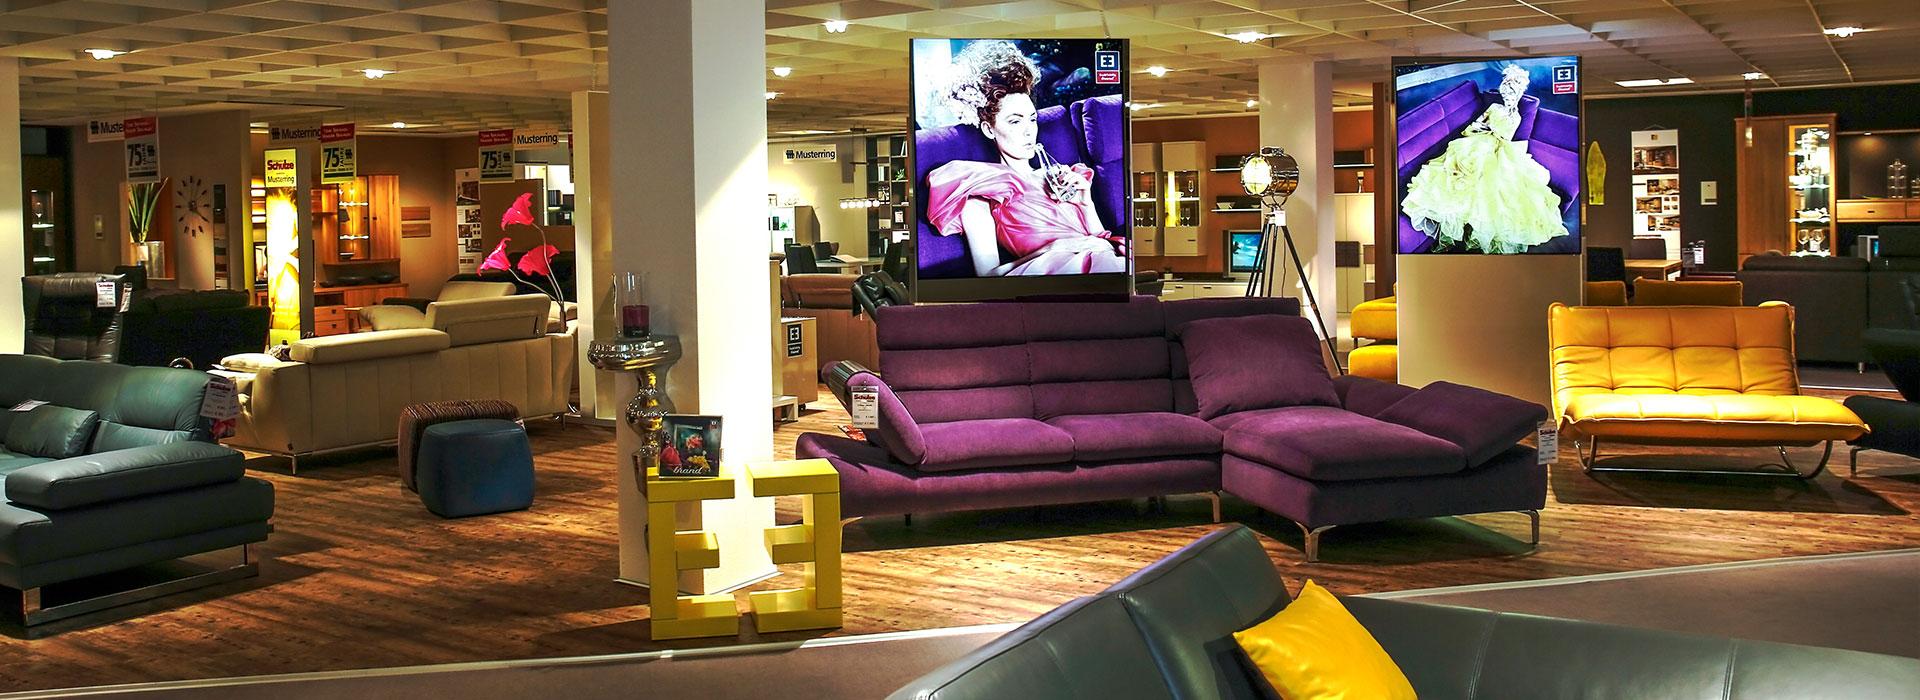 markenstudios gro er m belmarken einrichtungshaus schulze r dental. Black Bedroom Furniture Sets. Home Design Ideas